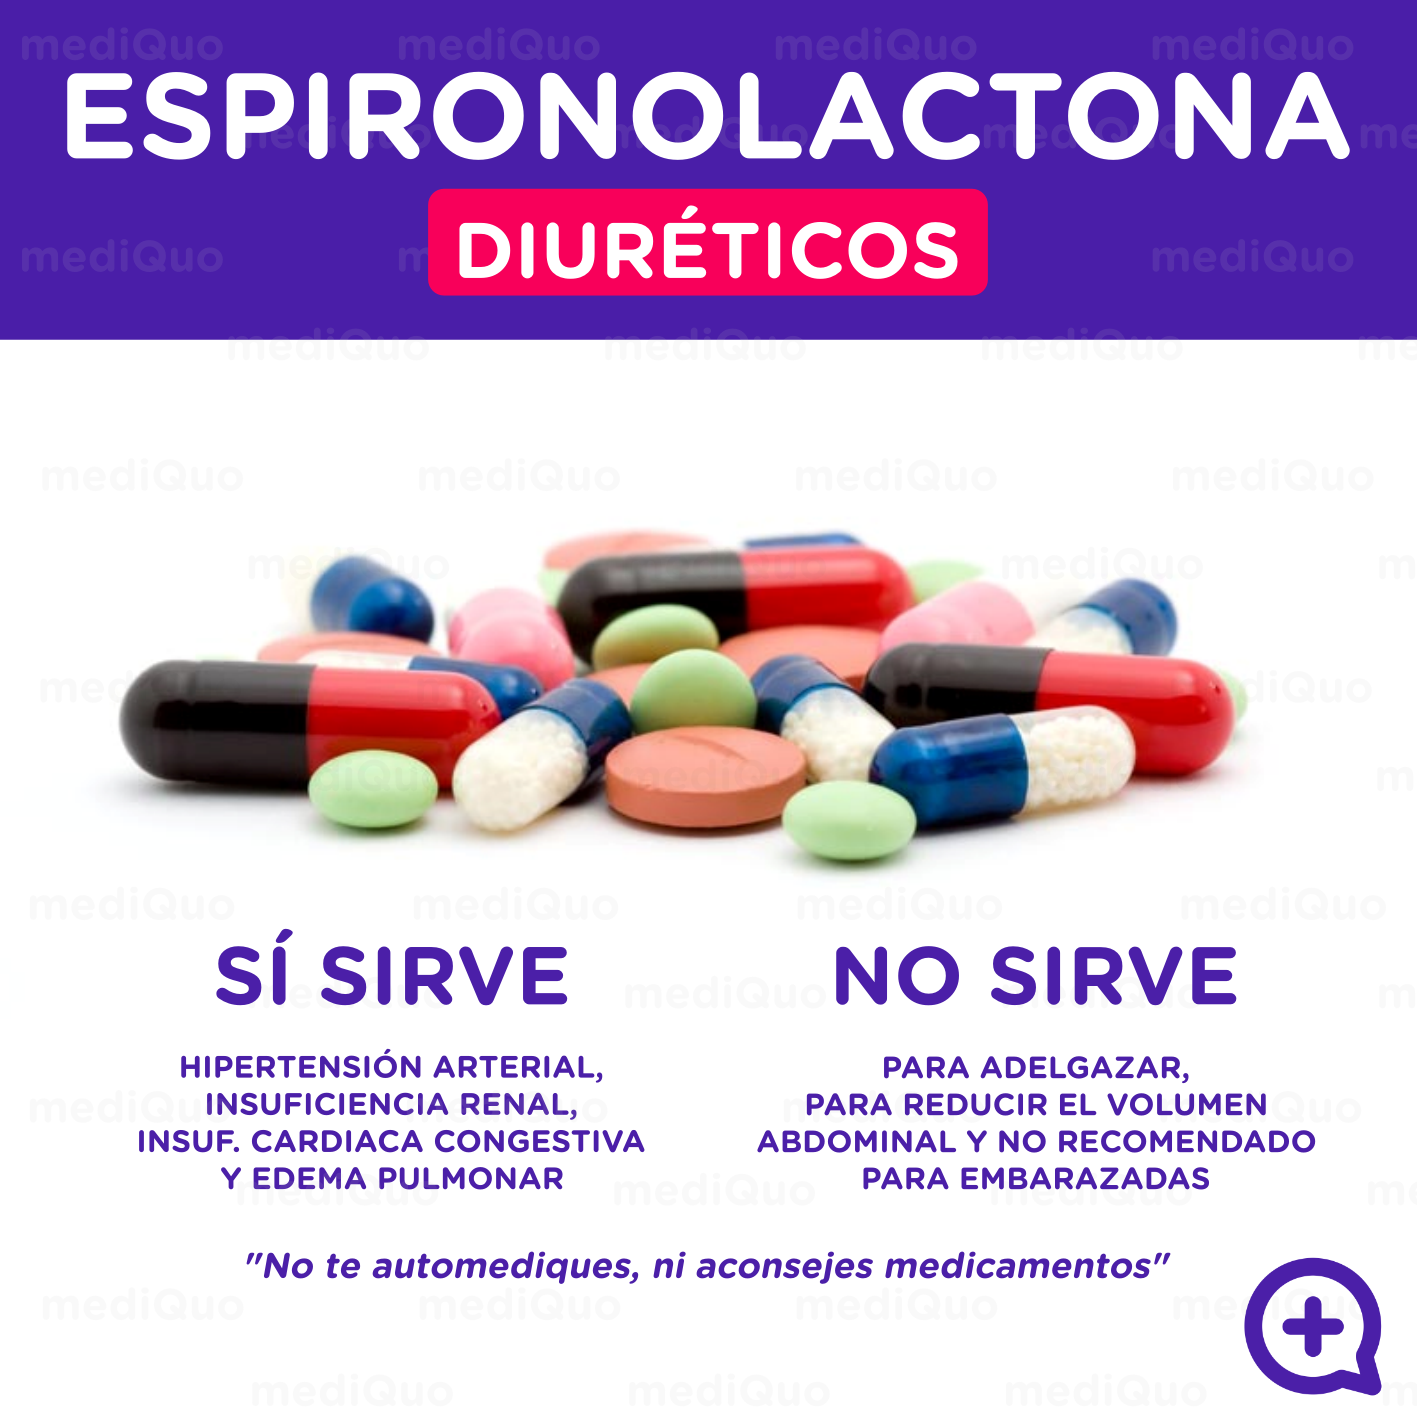 Infografías_espironolactona_mediquo